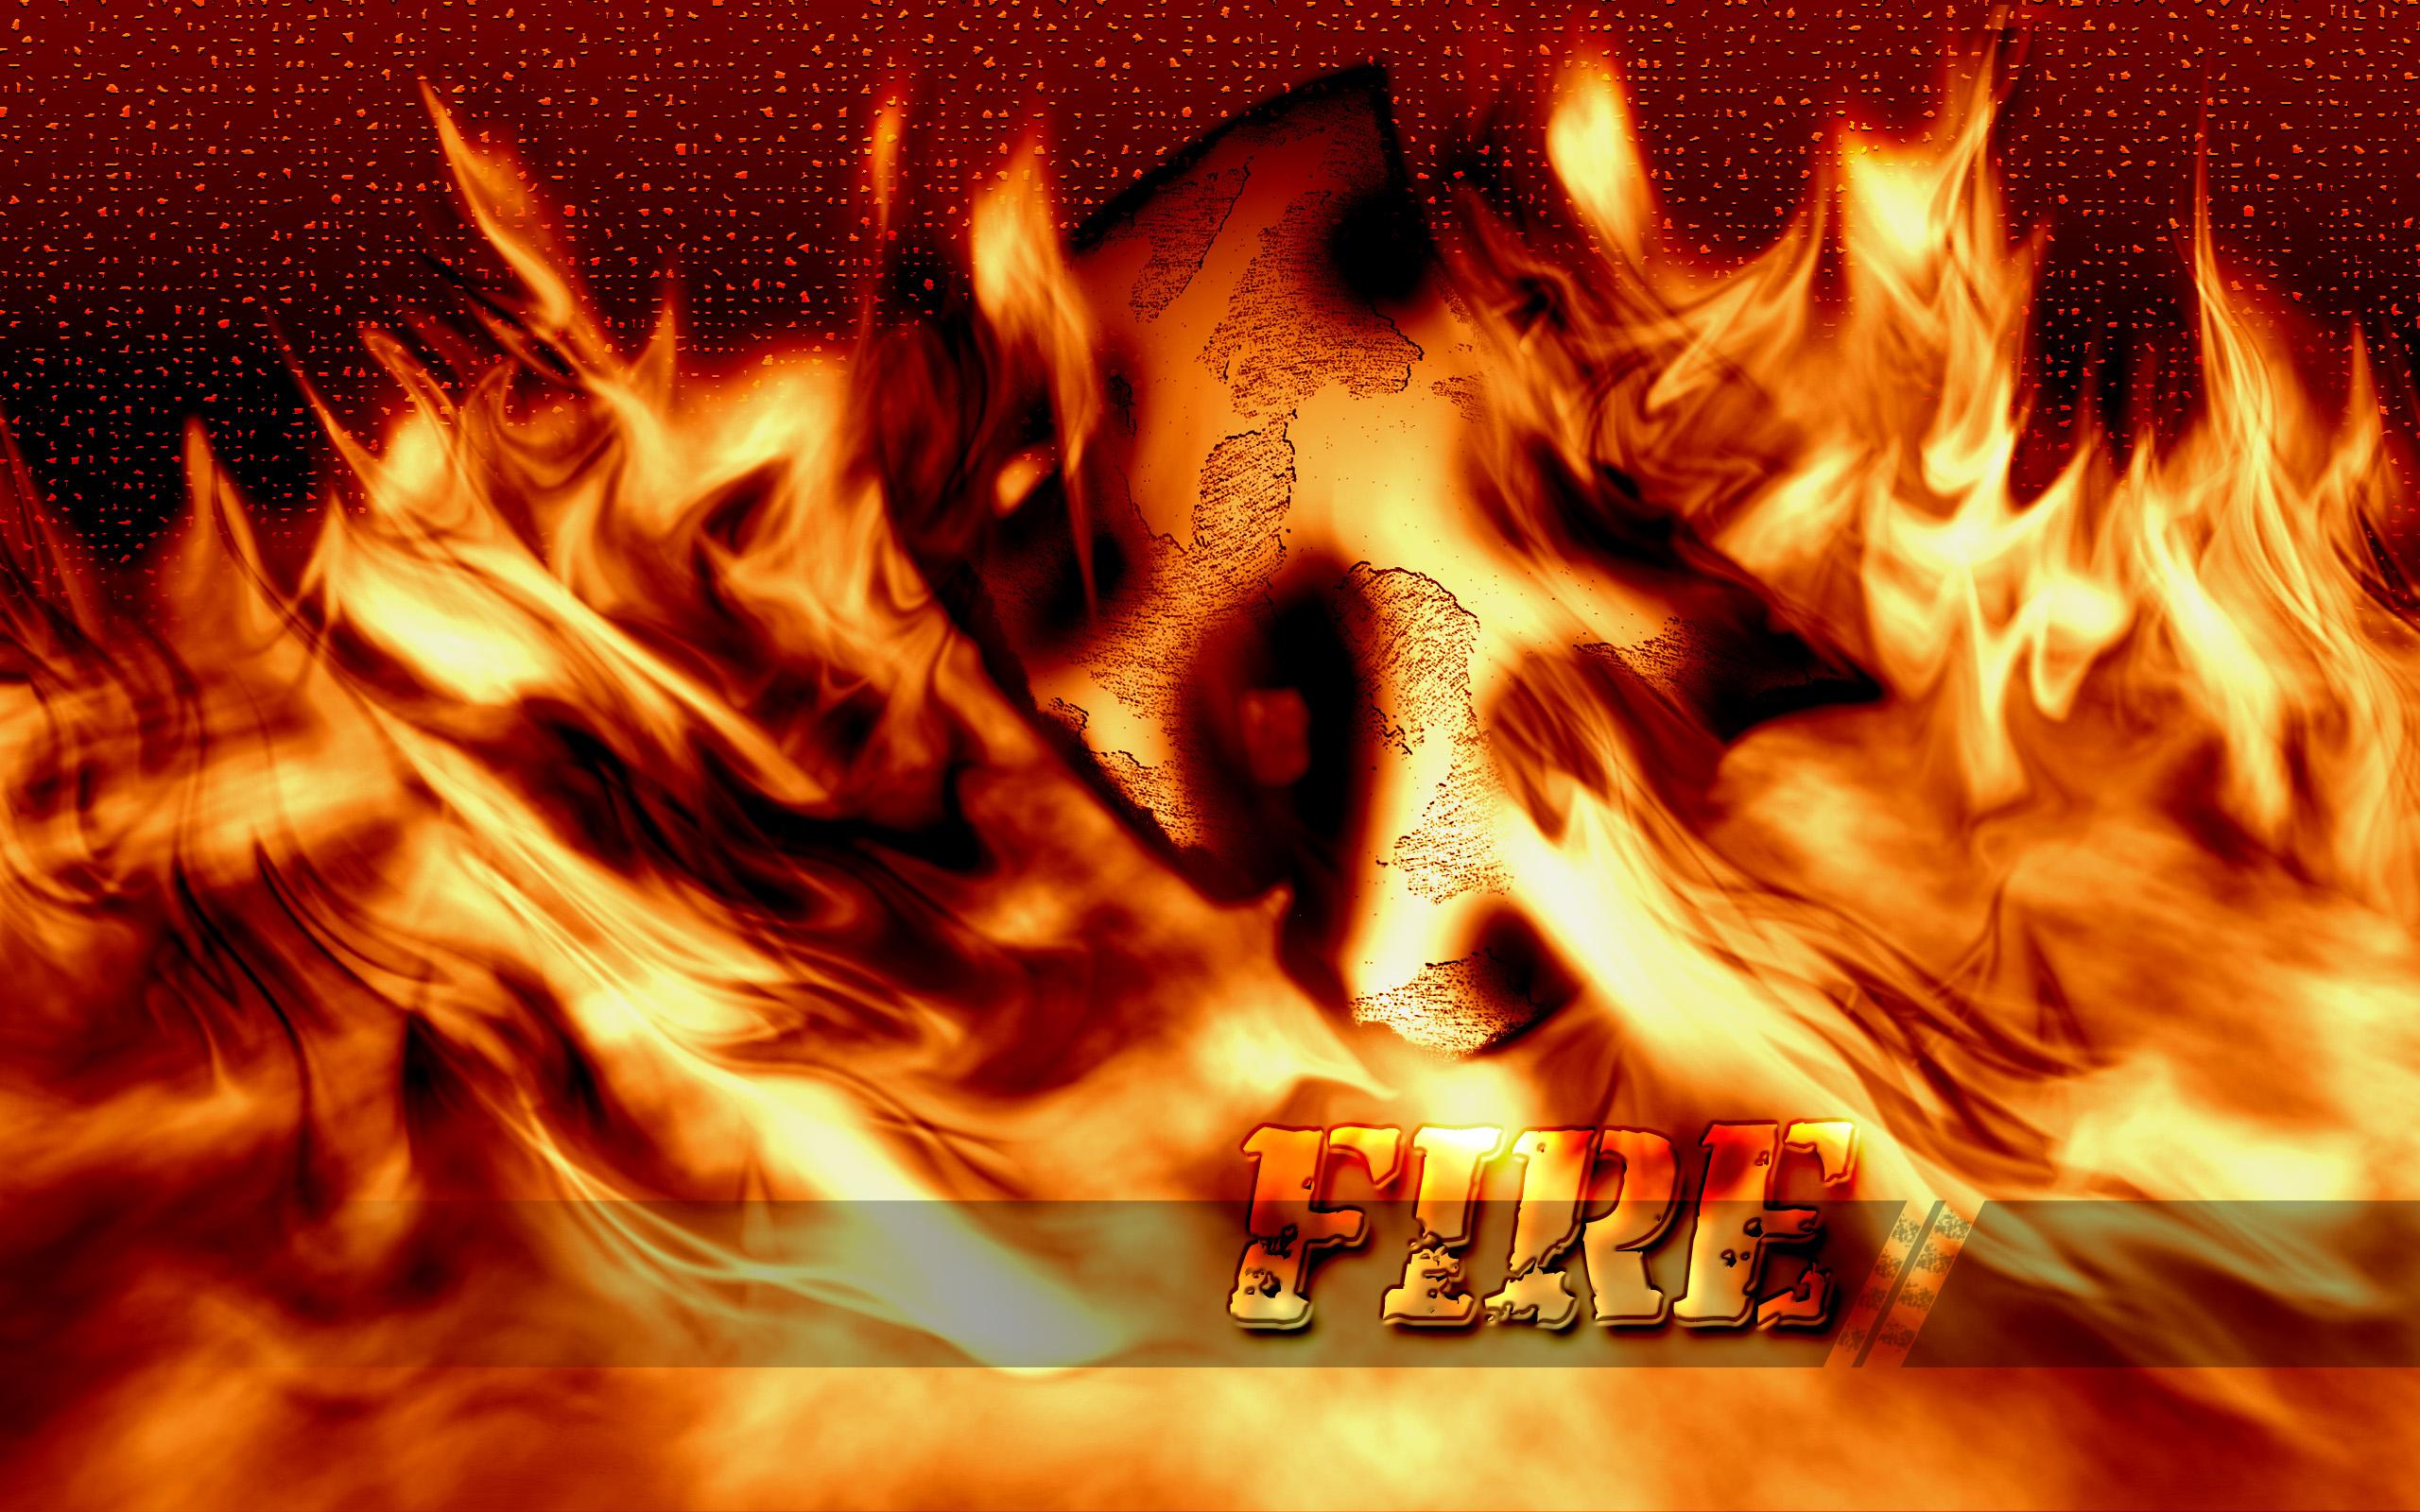 2560x1600 Fire Full HD desktop PC and Mac wallpaper 2560x1600